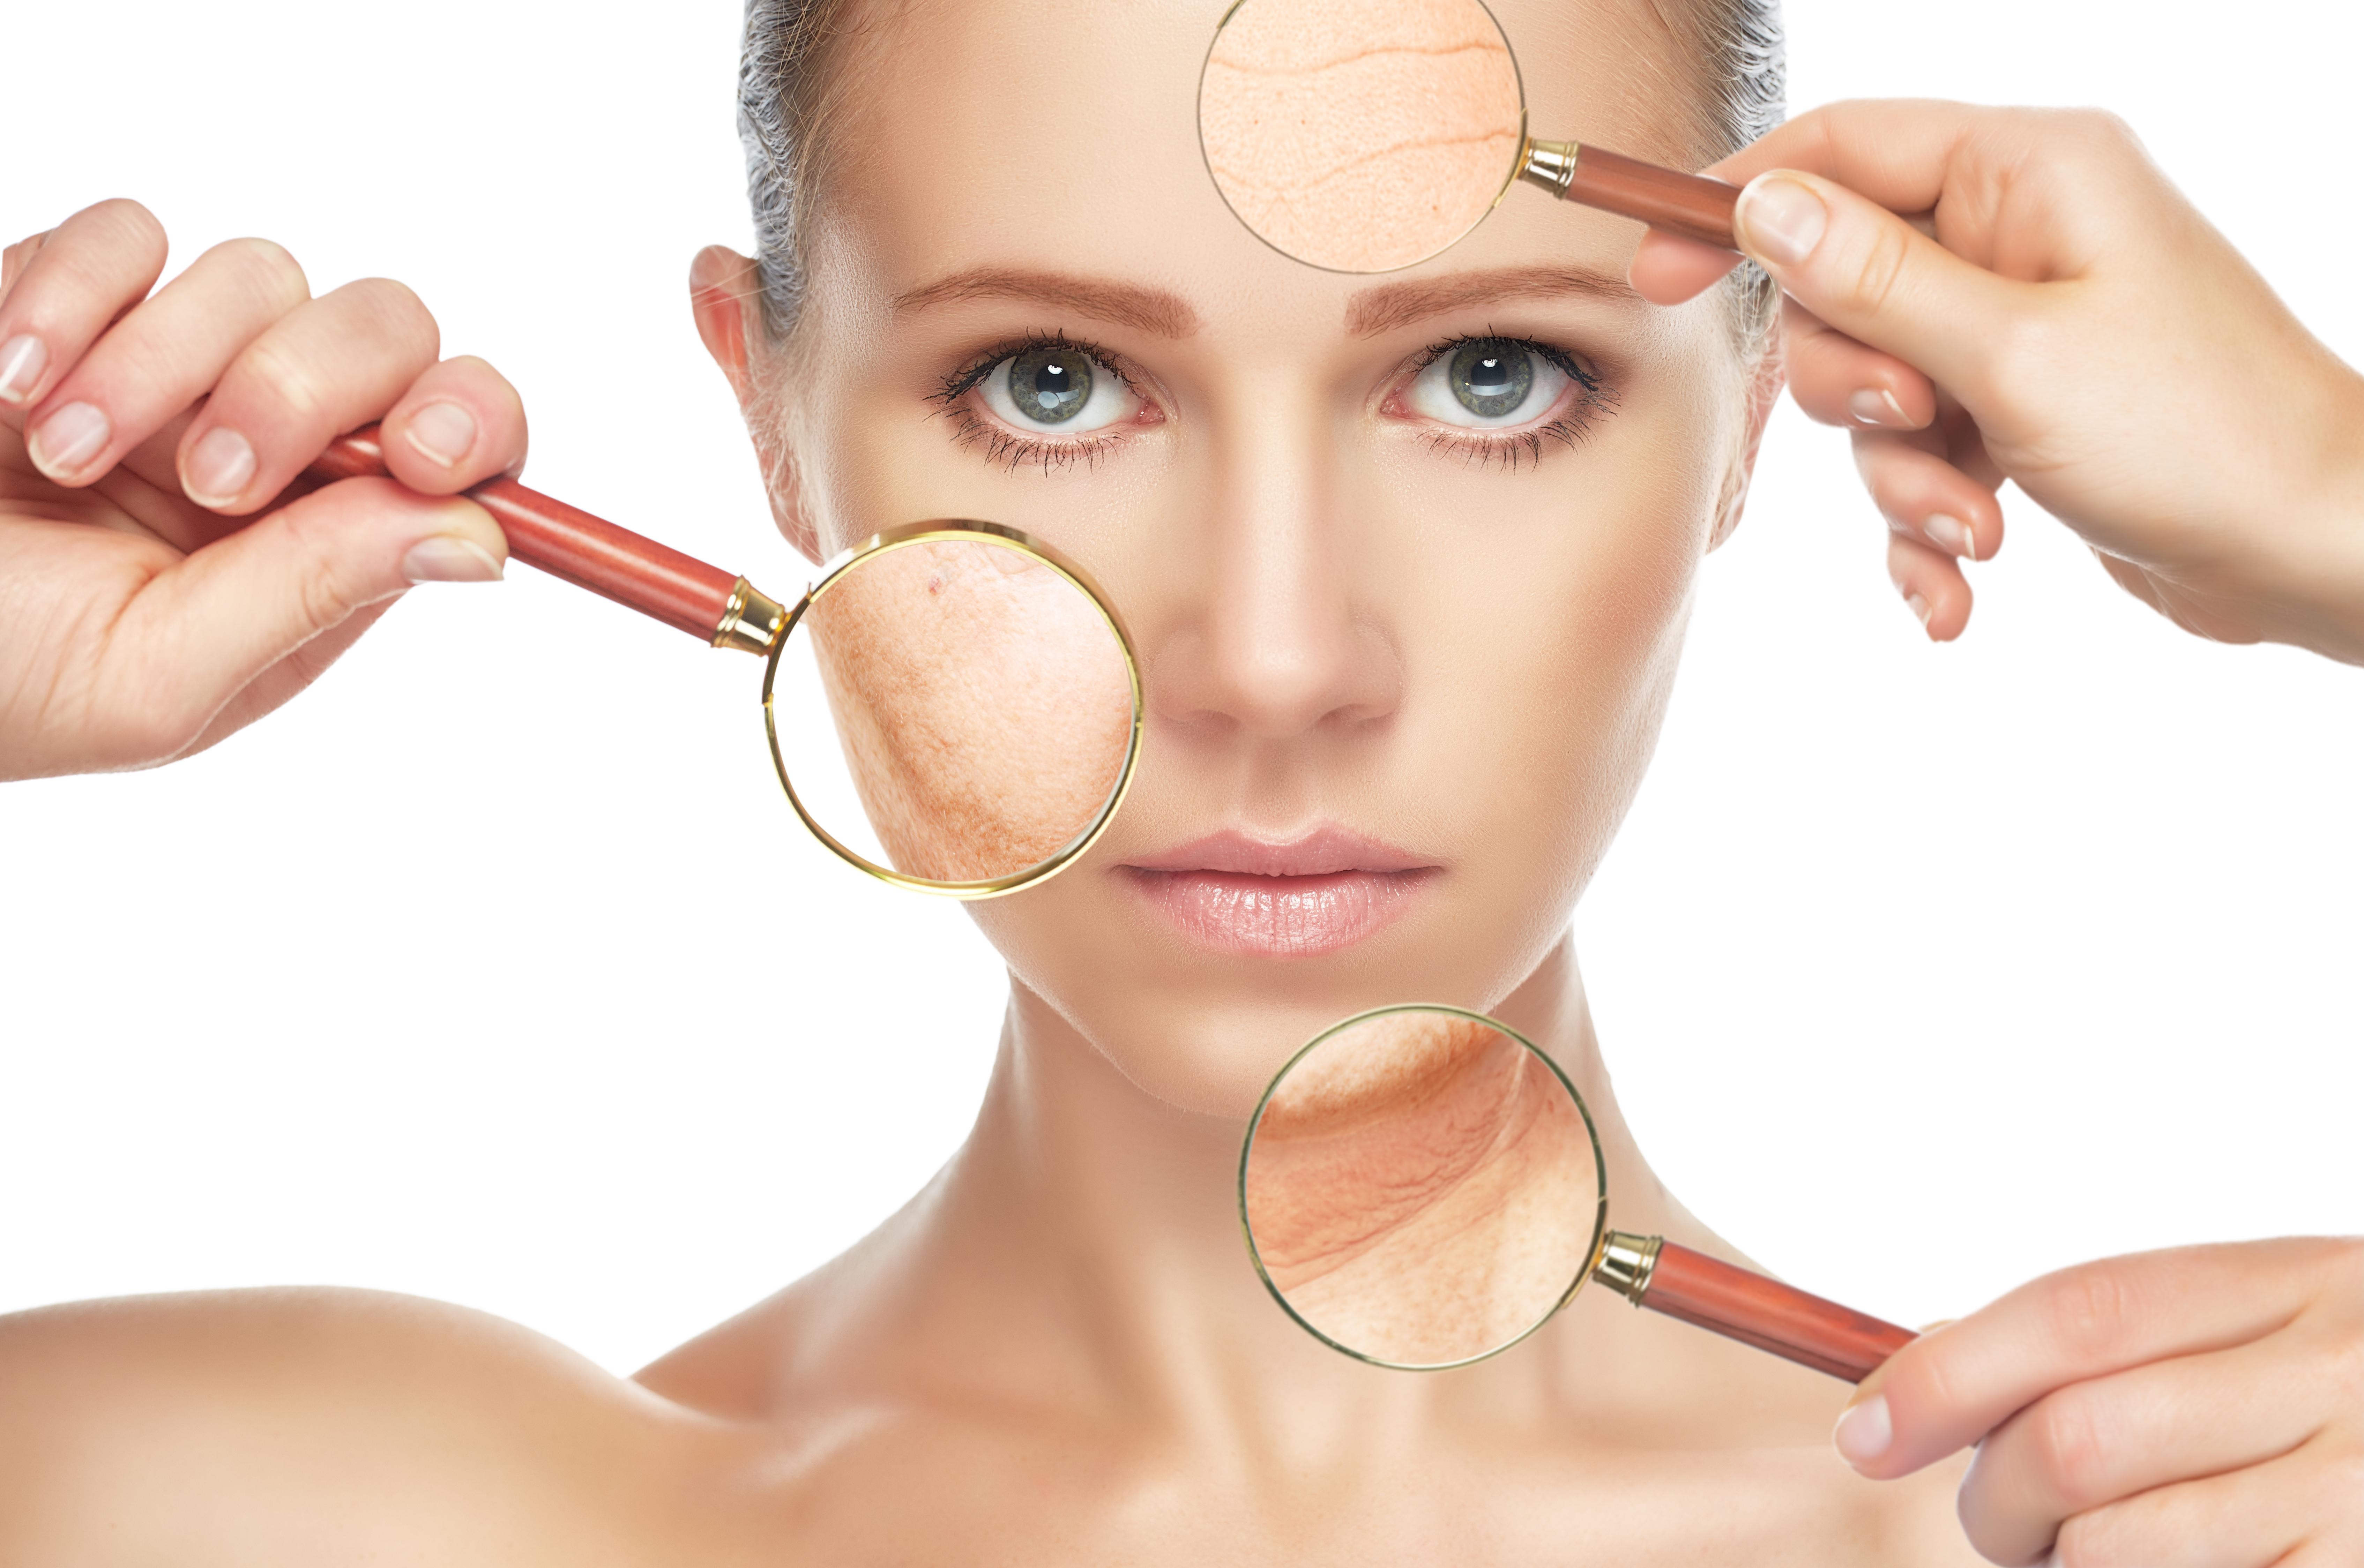 efecto quimio en la piel